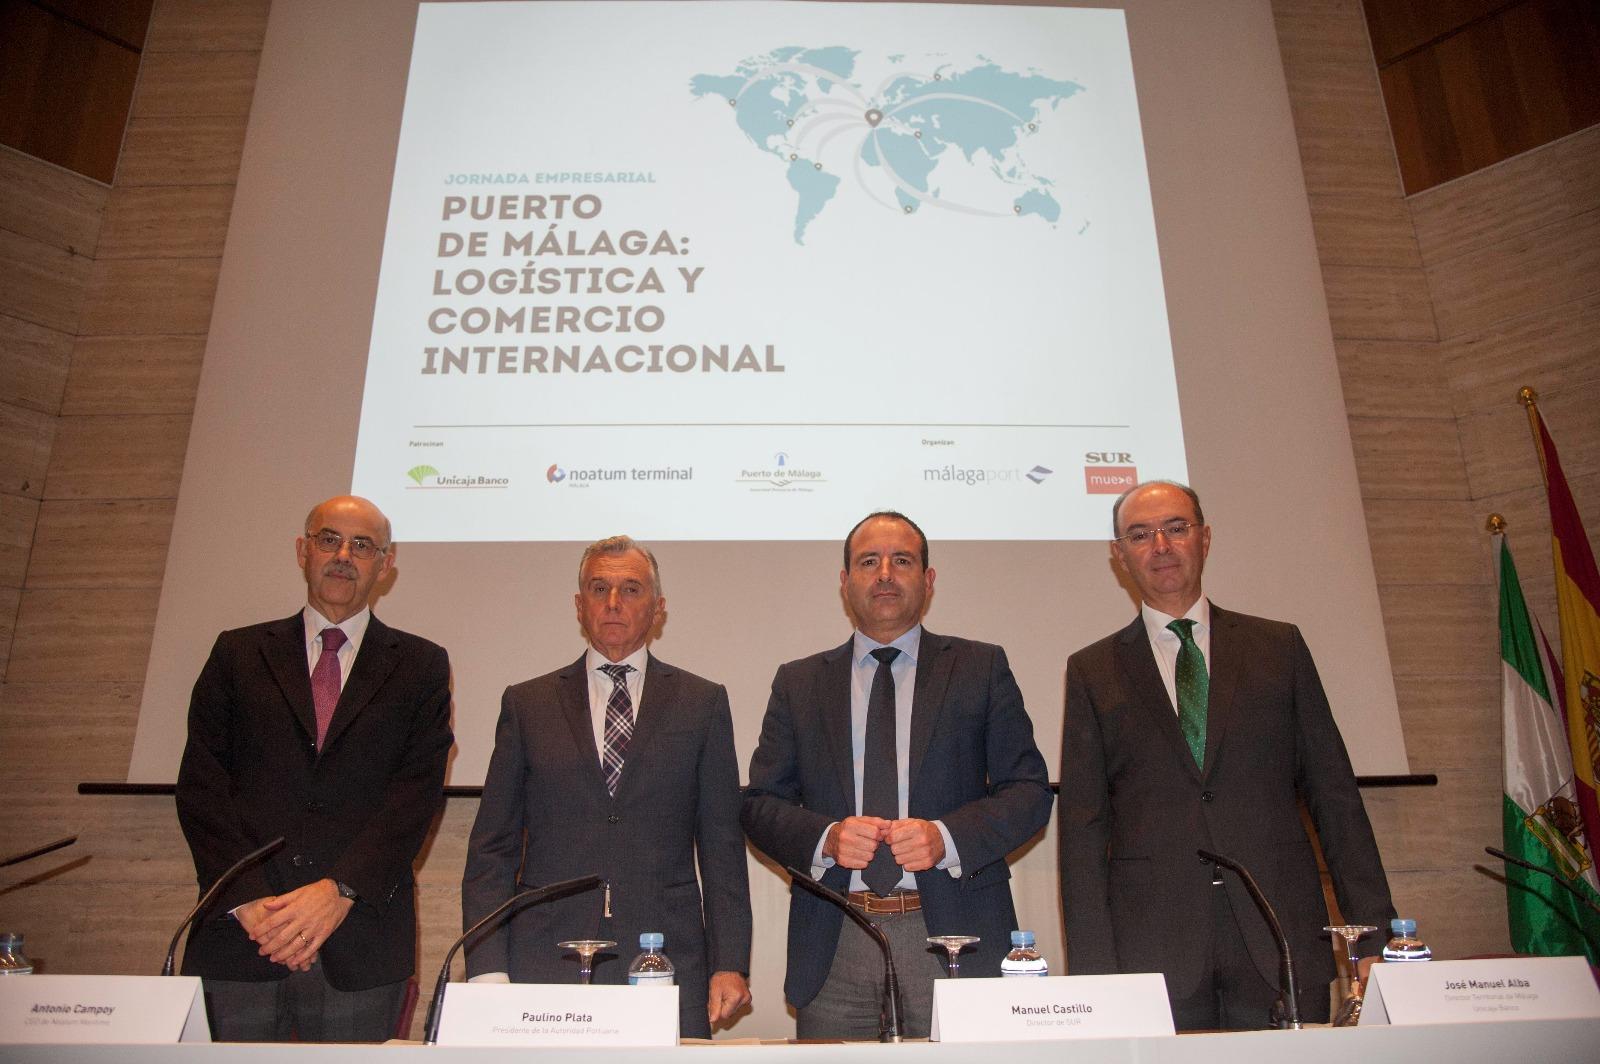 El Puerto de Málaga y Diario Sur celebran una jornada empresarial sobre logística y comercio internacional